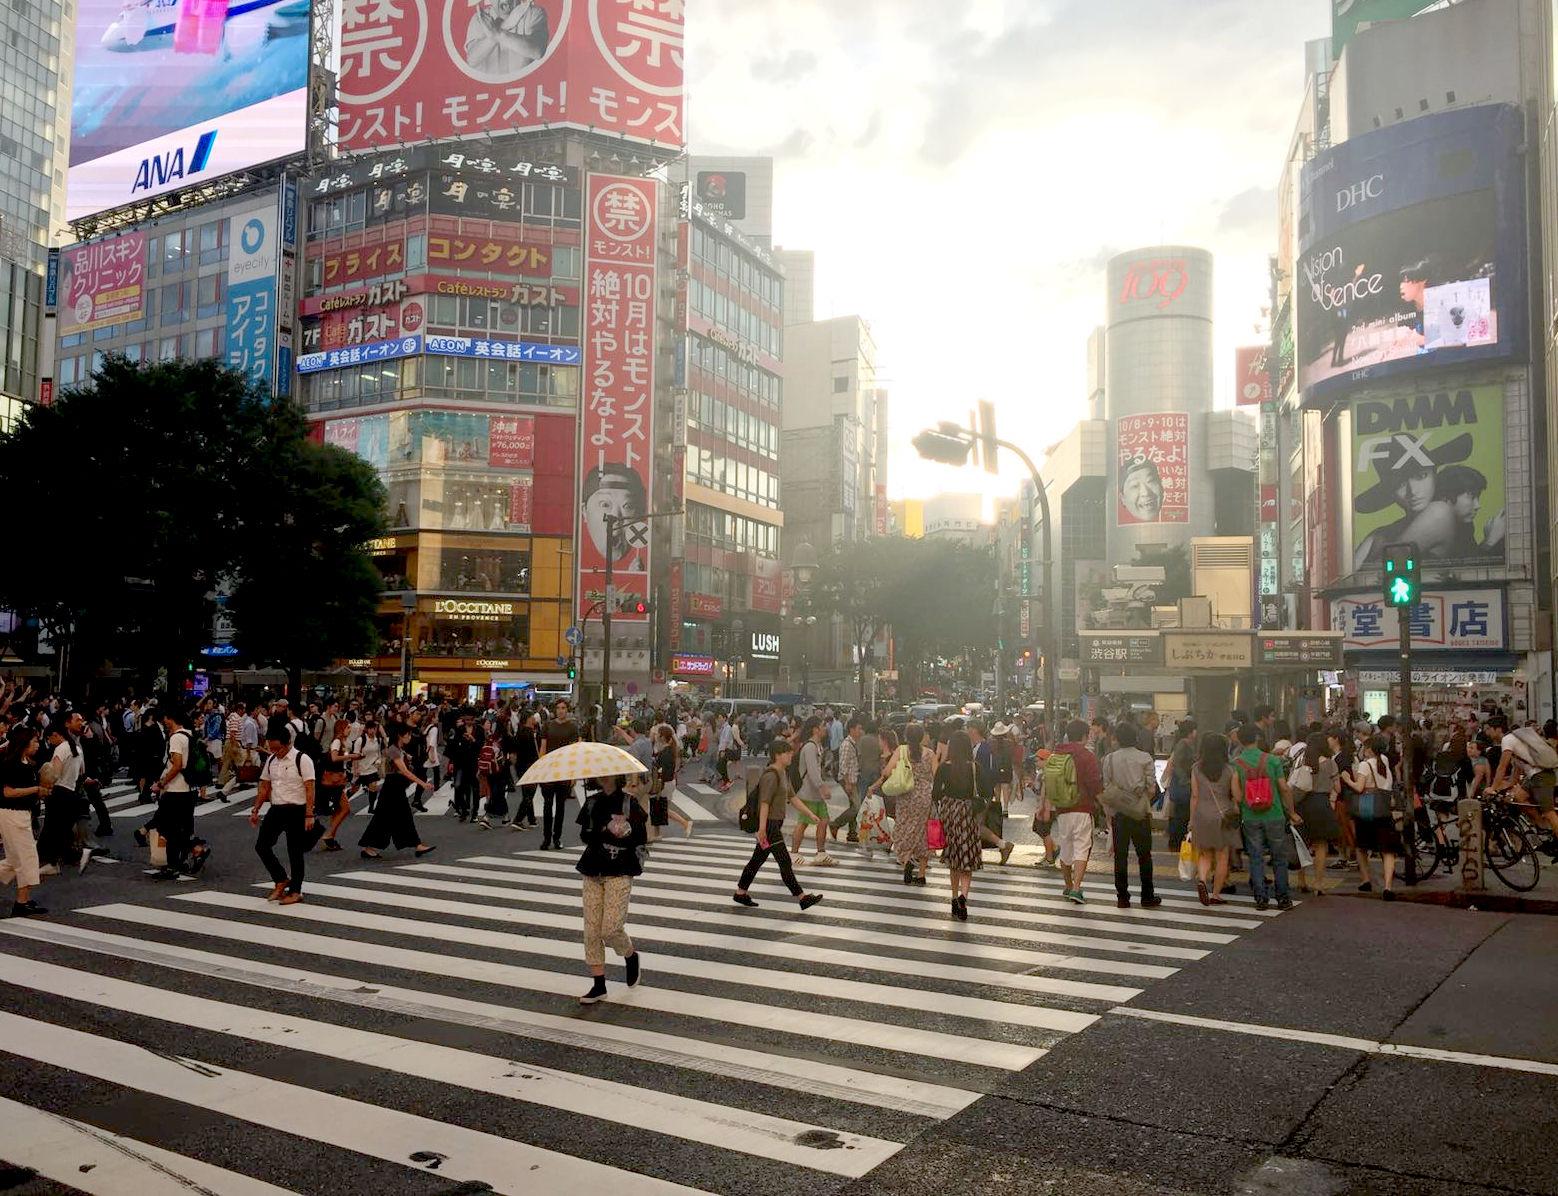 japonia tokio tokyo shibuya ubiór japończycy iglawpodrozy